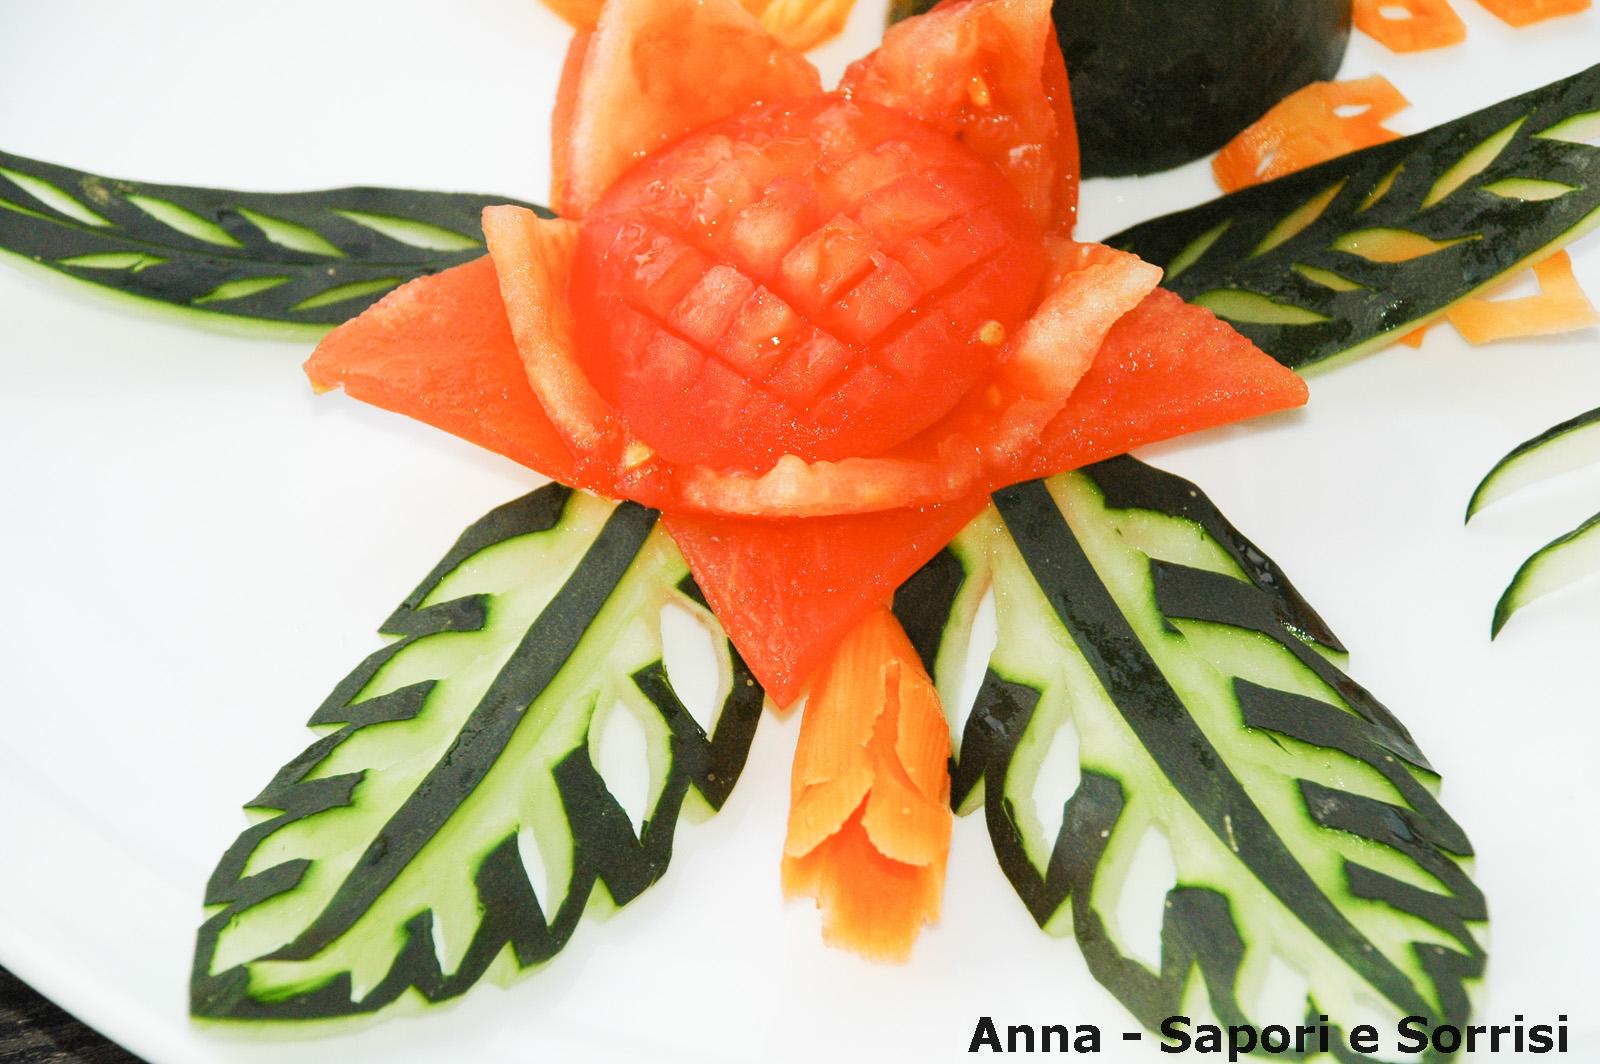 Anna sapori e sorrisi decorazioni piatti con verdura - Piatti di frutta decorati ...